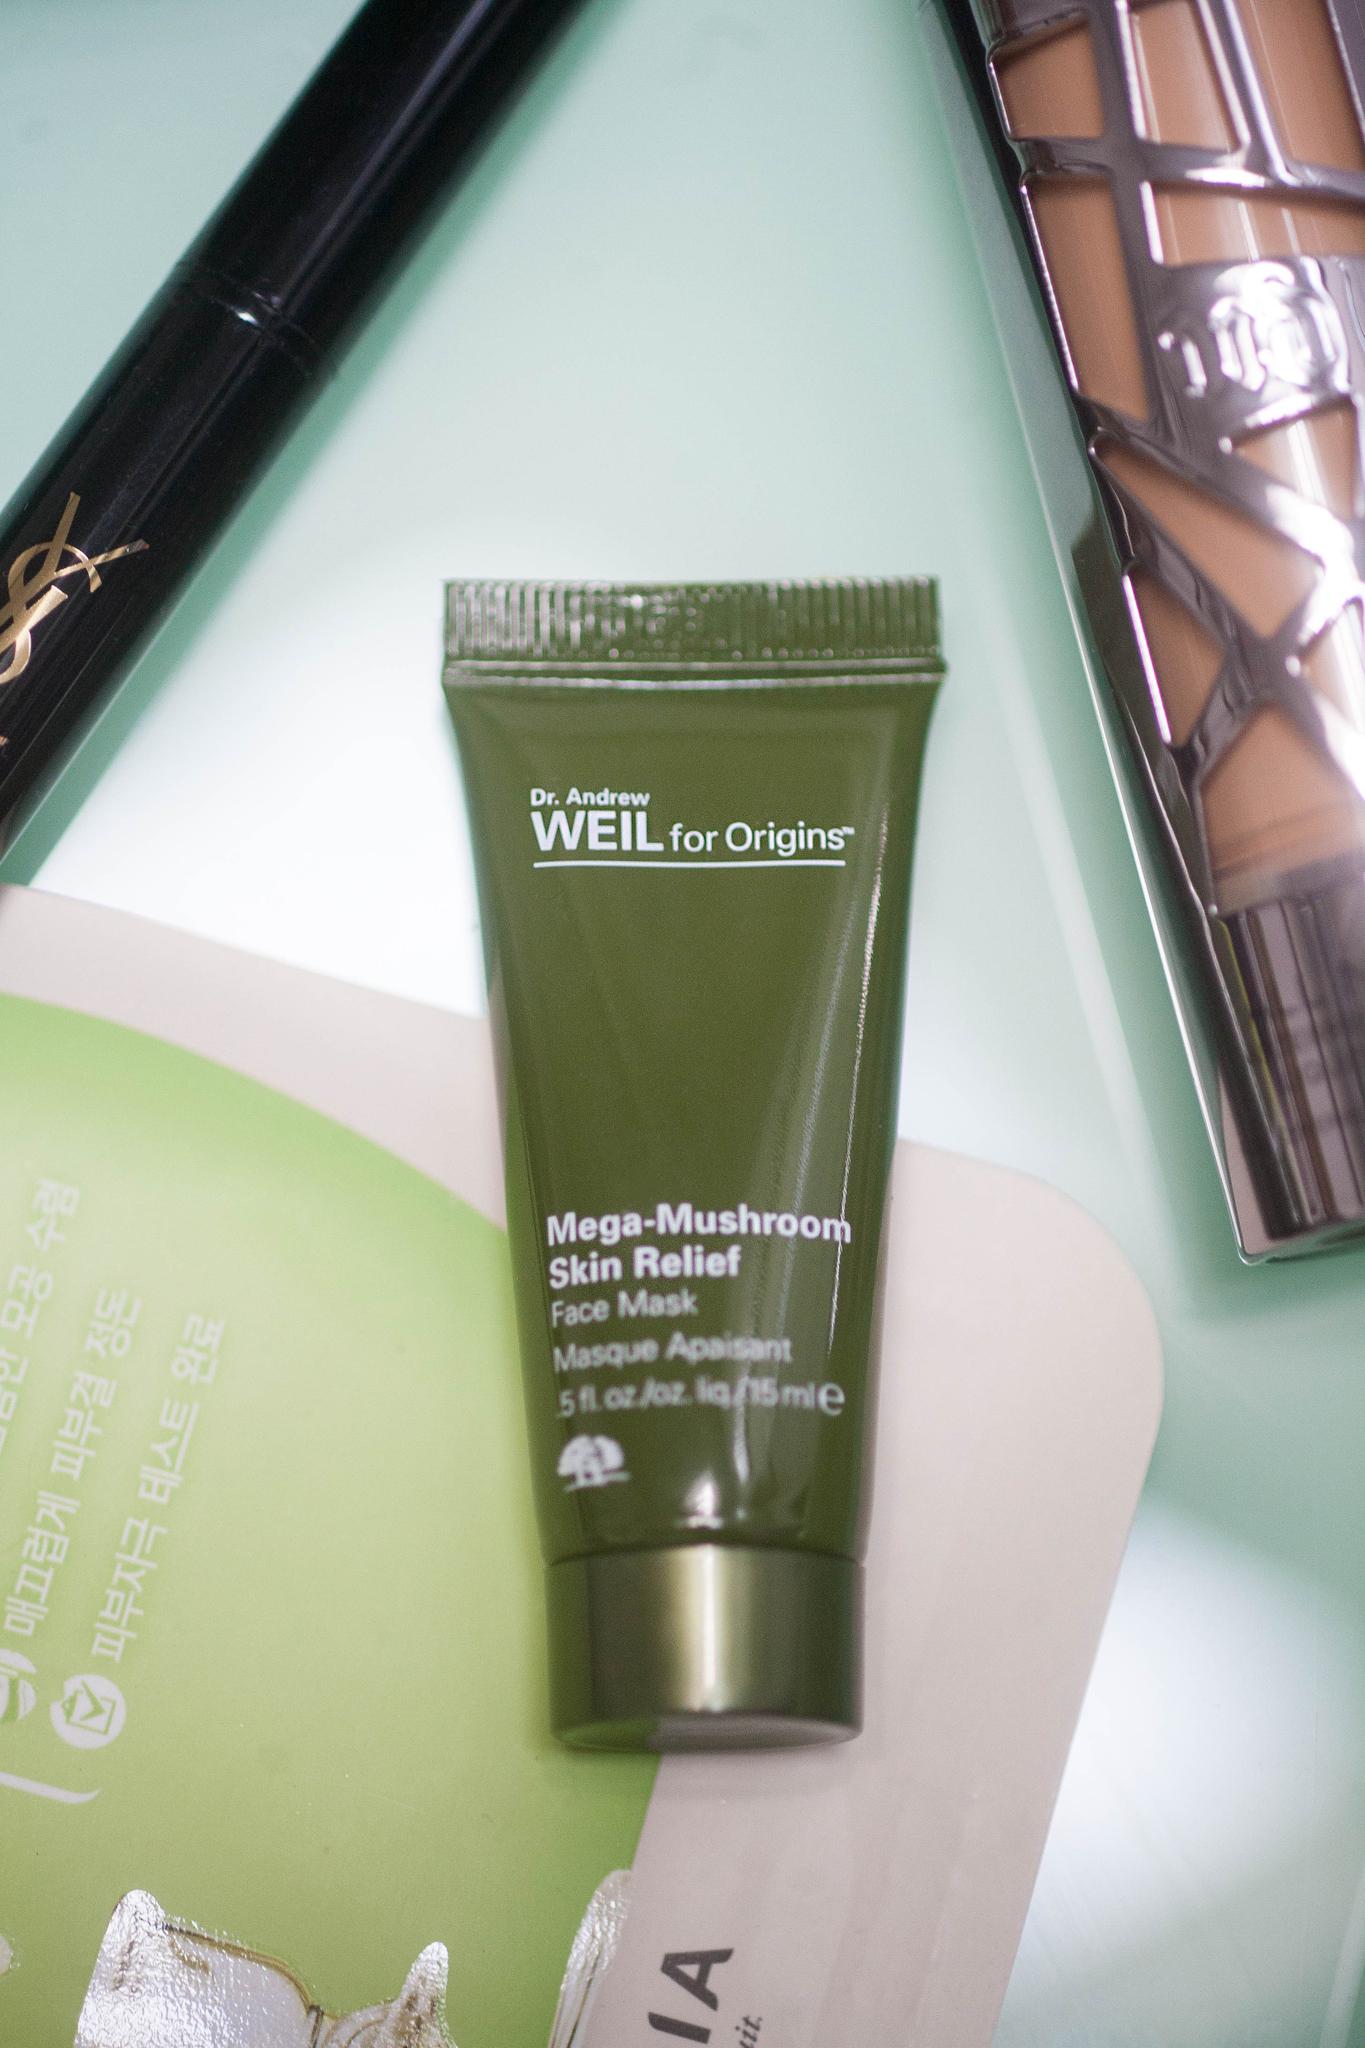 Origins Dr. Andrew Weil For Origins™ Mega-Mushroom Skin Relief Face Mask